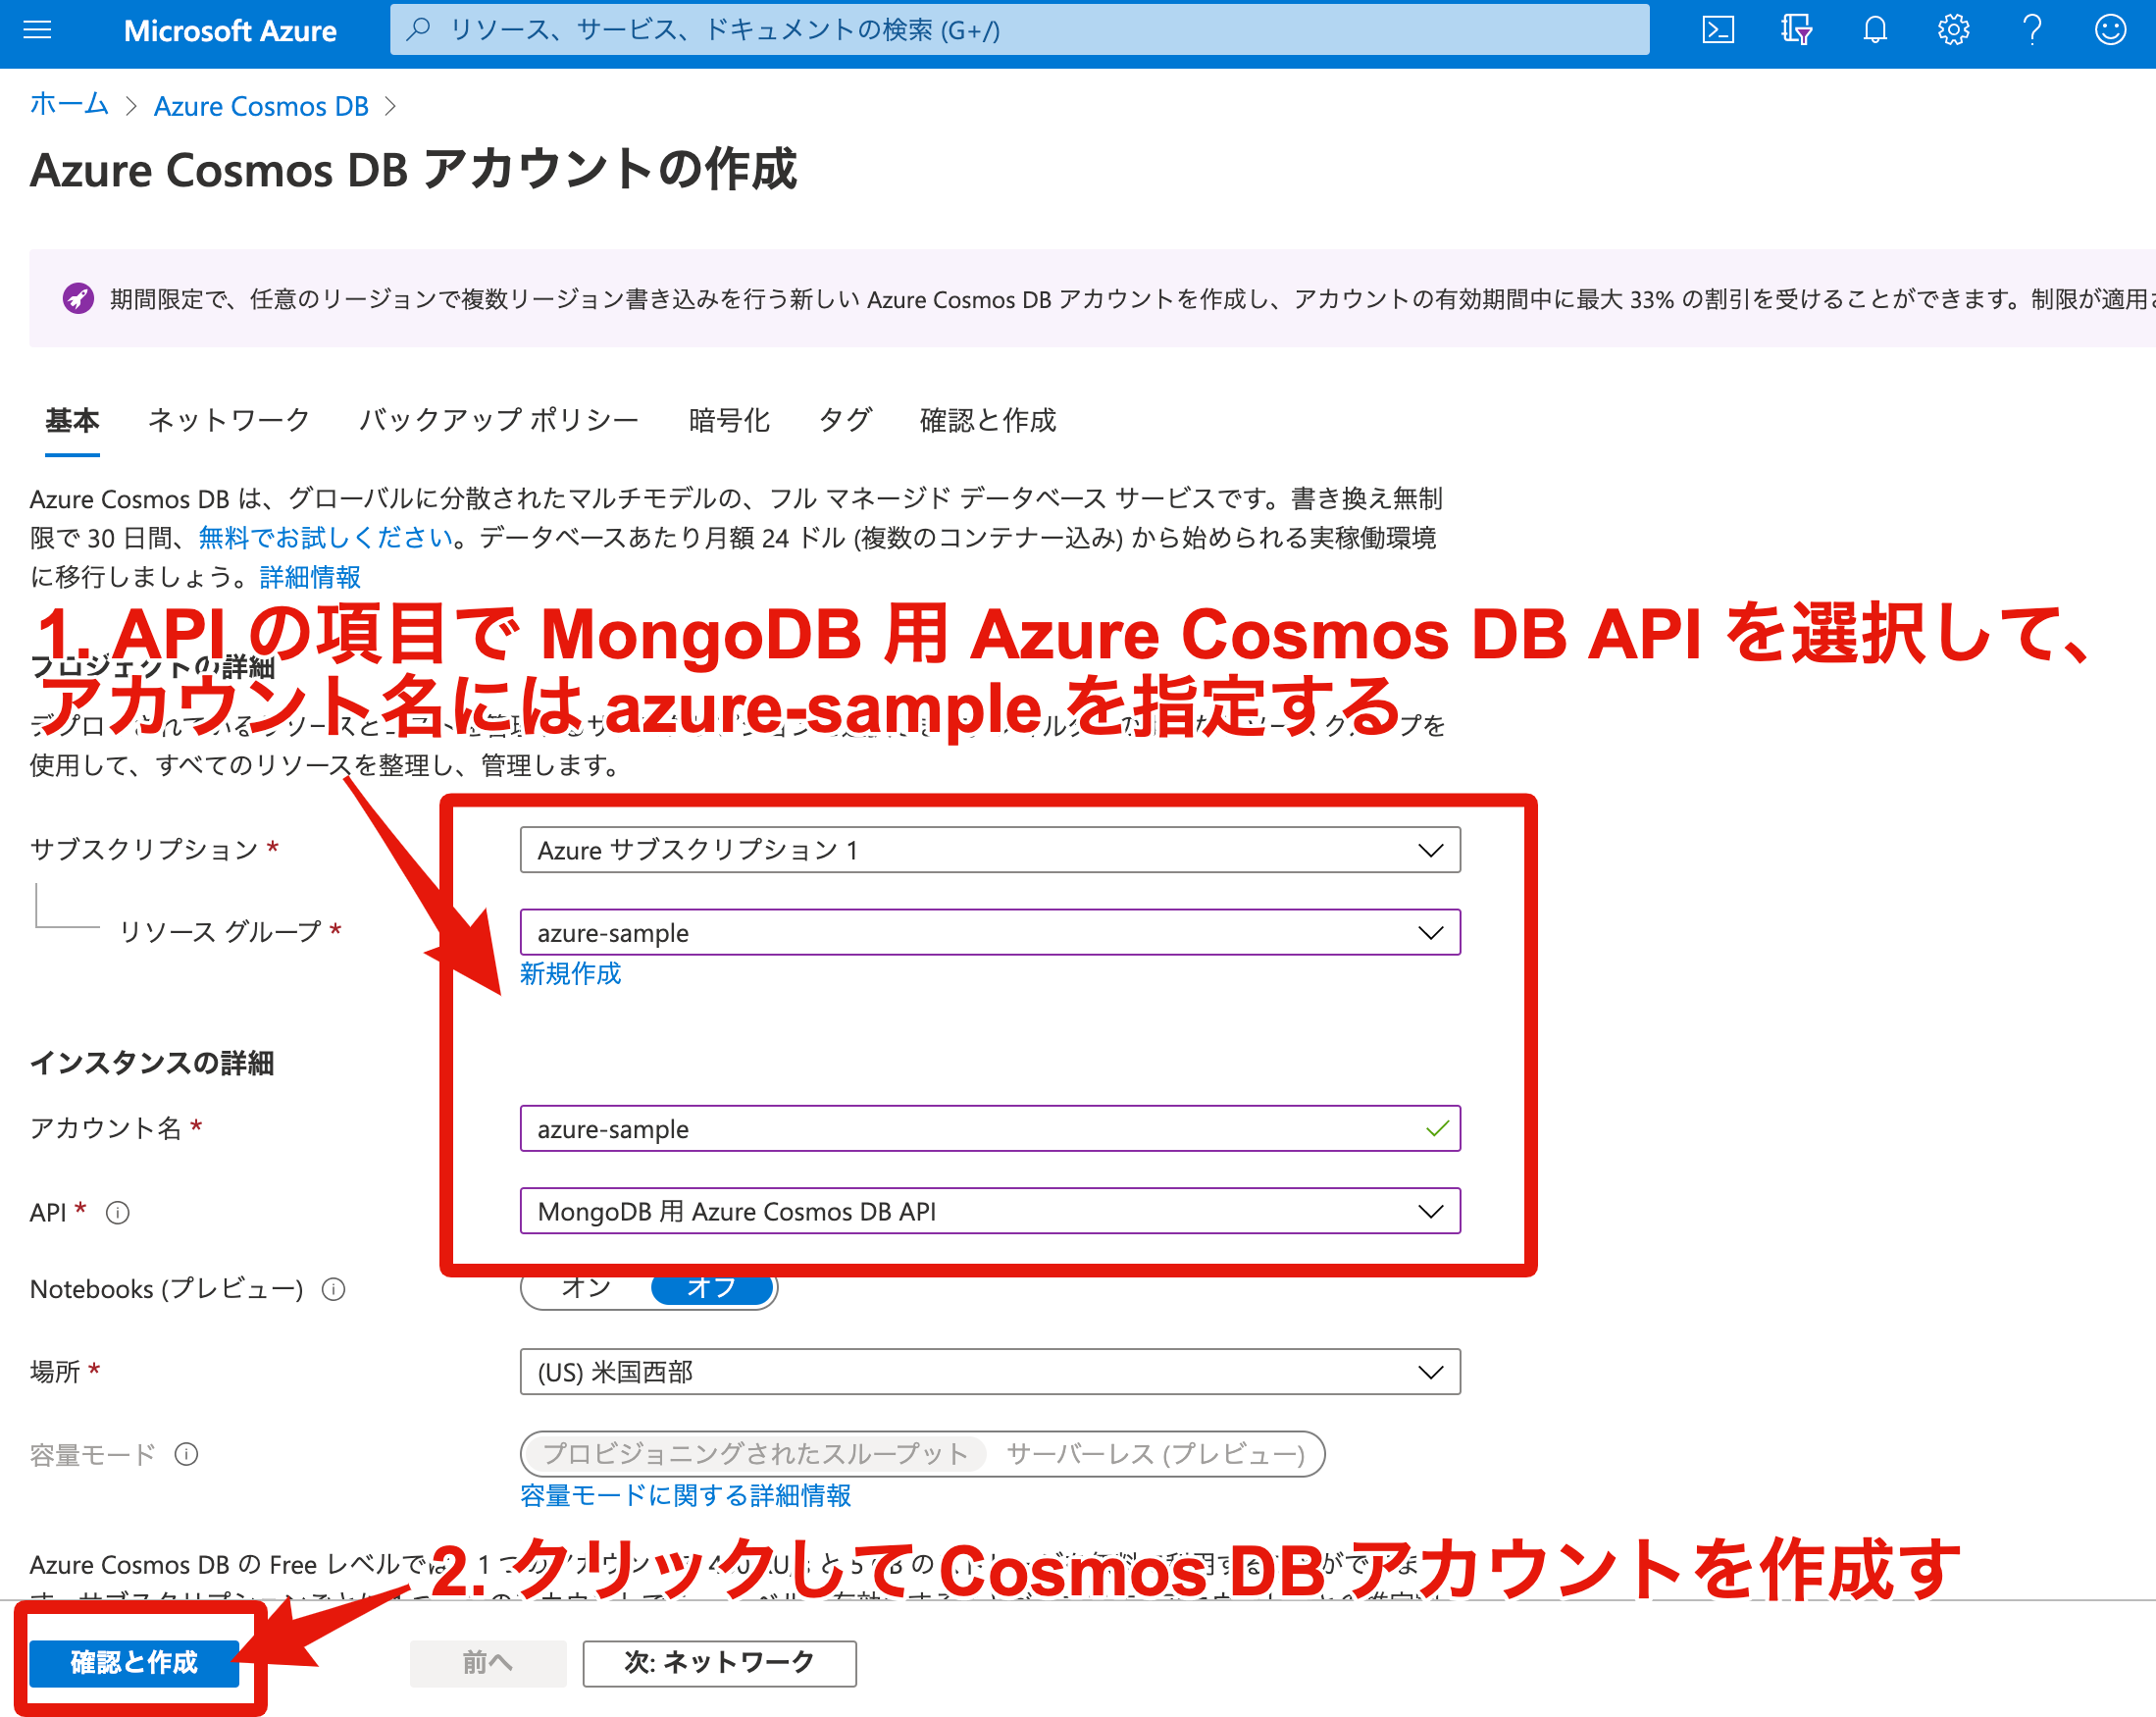 1. Azure Cosmos DB アカウントの作成ページから Azure Cosmos DB アカウントを作成する。API には `MongoDB~` を選択する